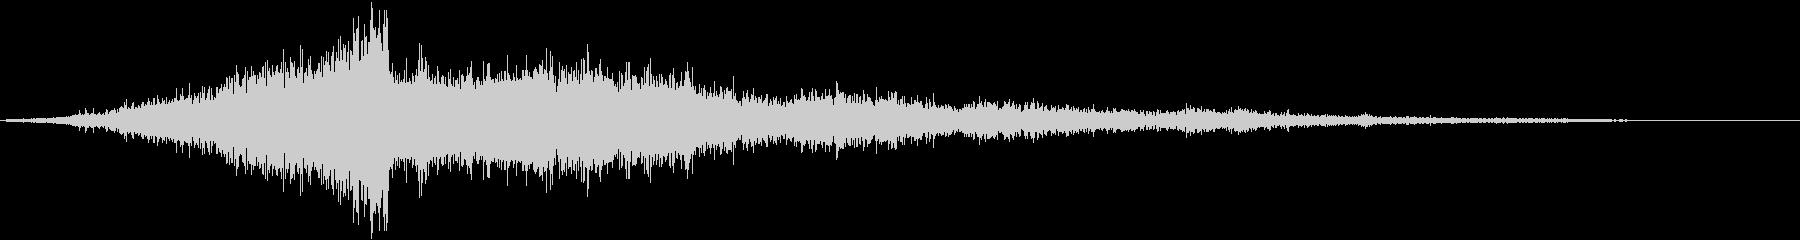 映画・映像用サウンドロゴ (FX)の未再生の波形